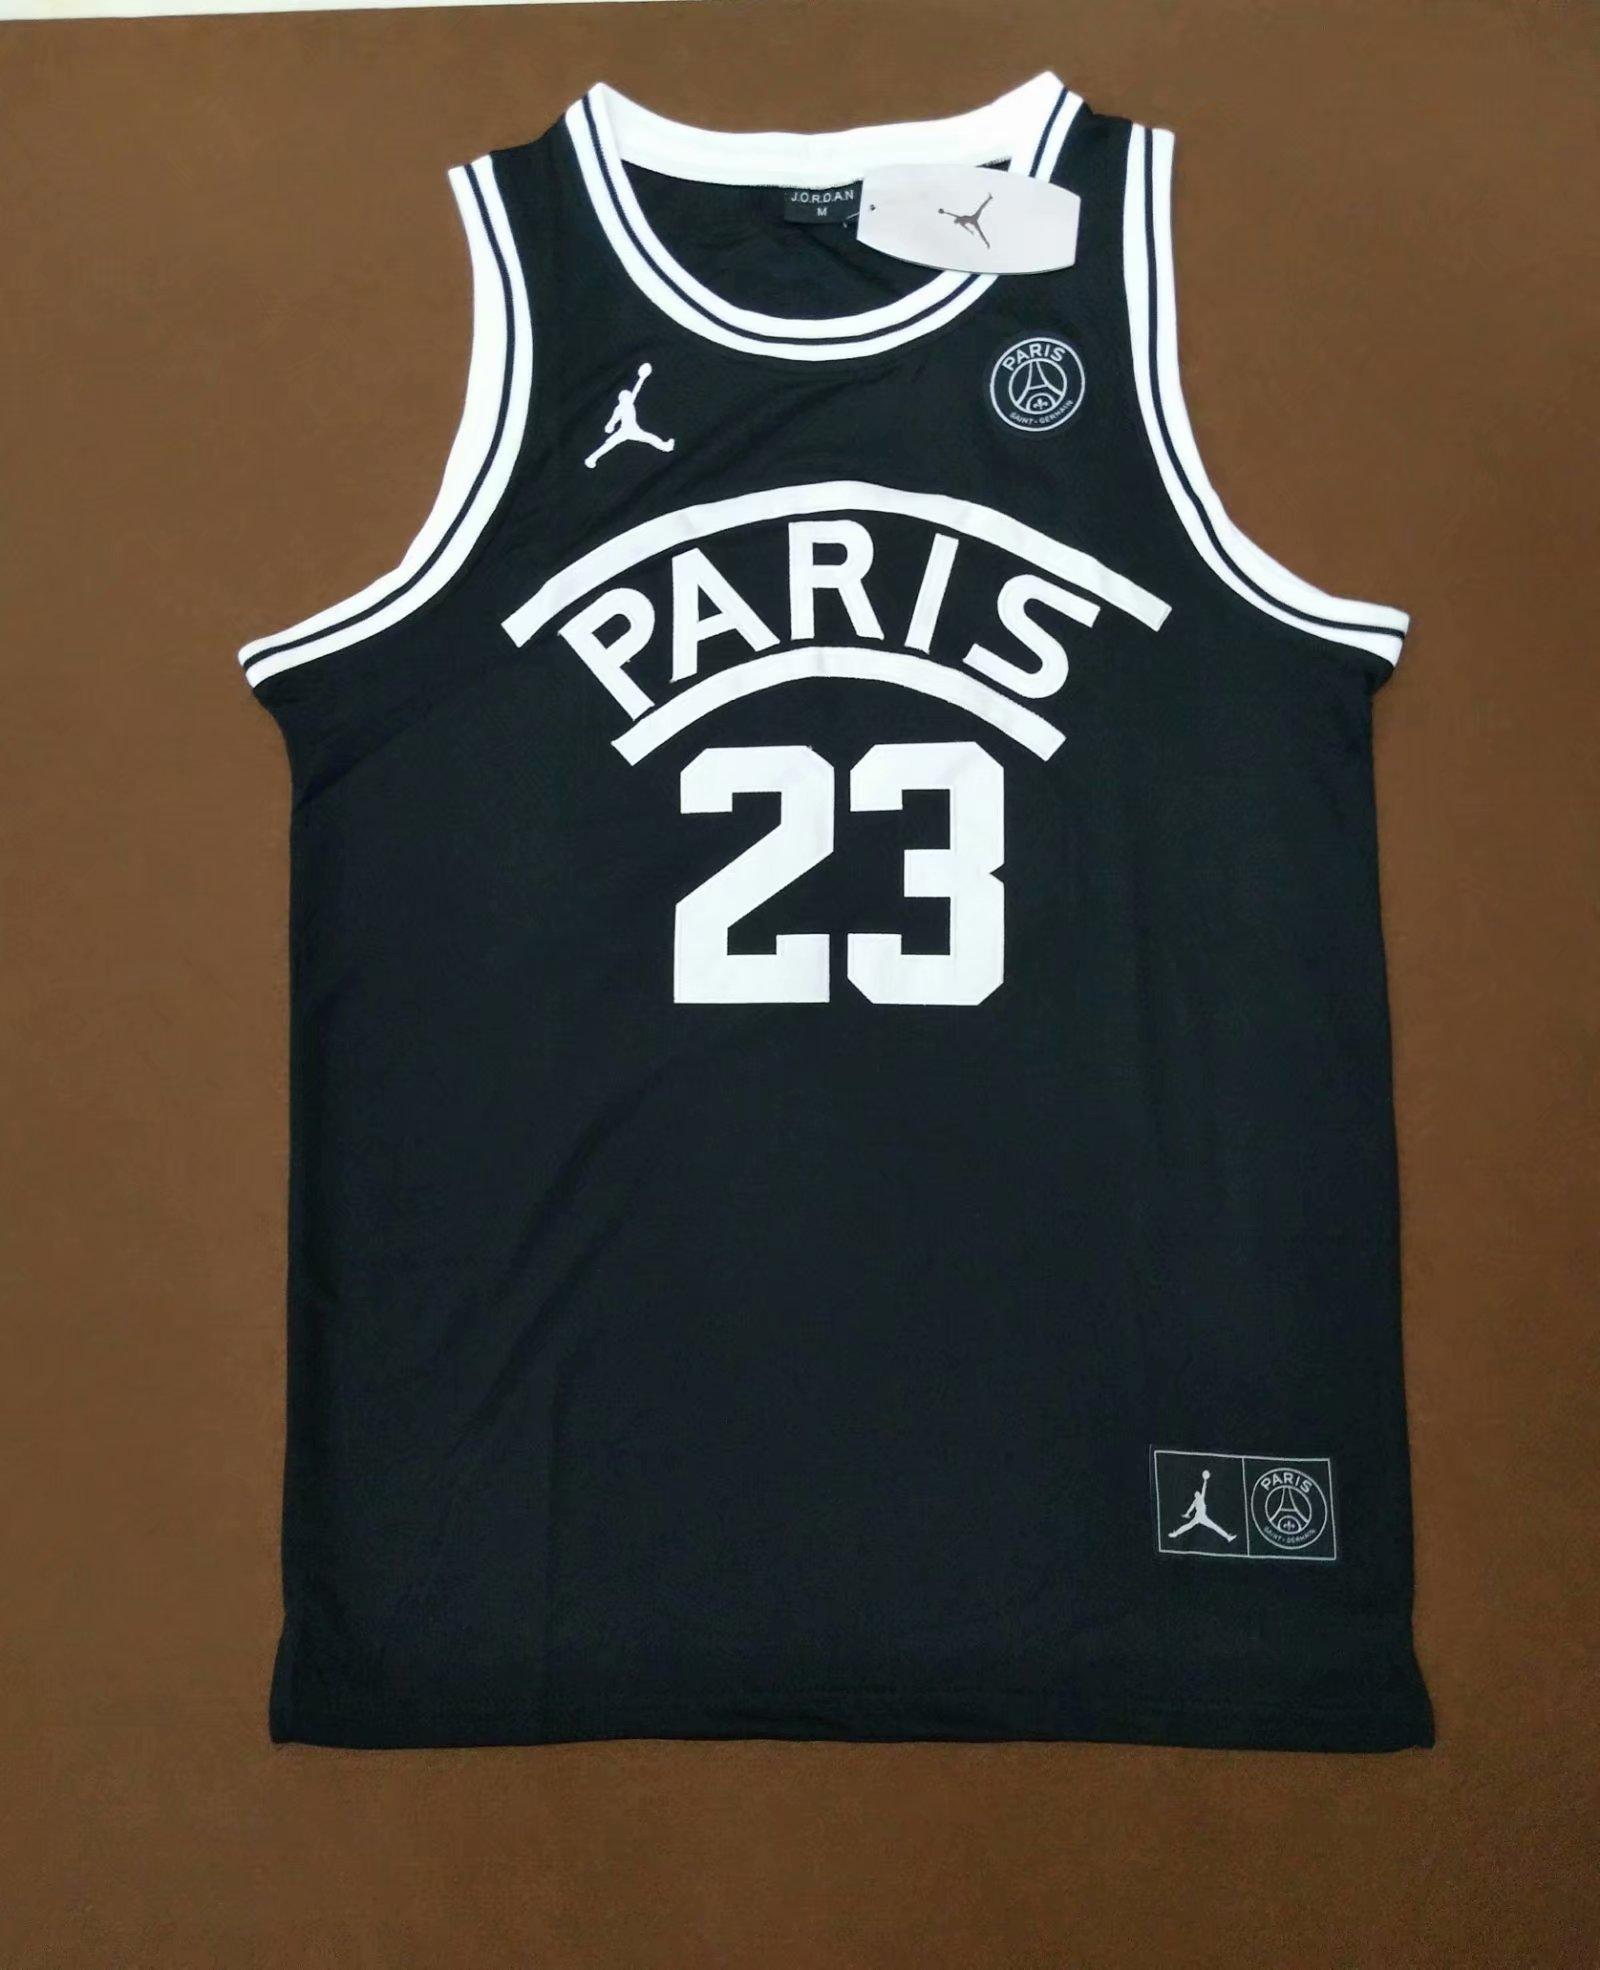 67f685cdb93ce7 US  15.8 - PSG FLIGHT KNIT JORDAN 23 Basketball Black Jersey -  www.fcsoccerworld.com